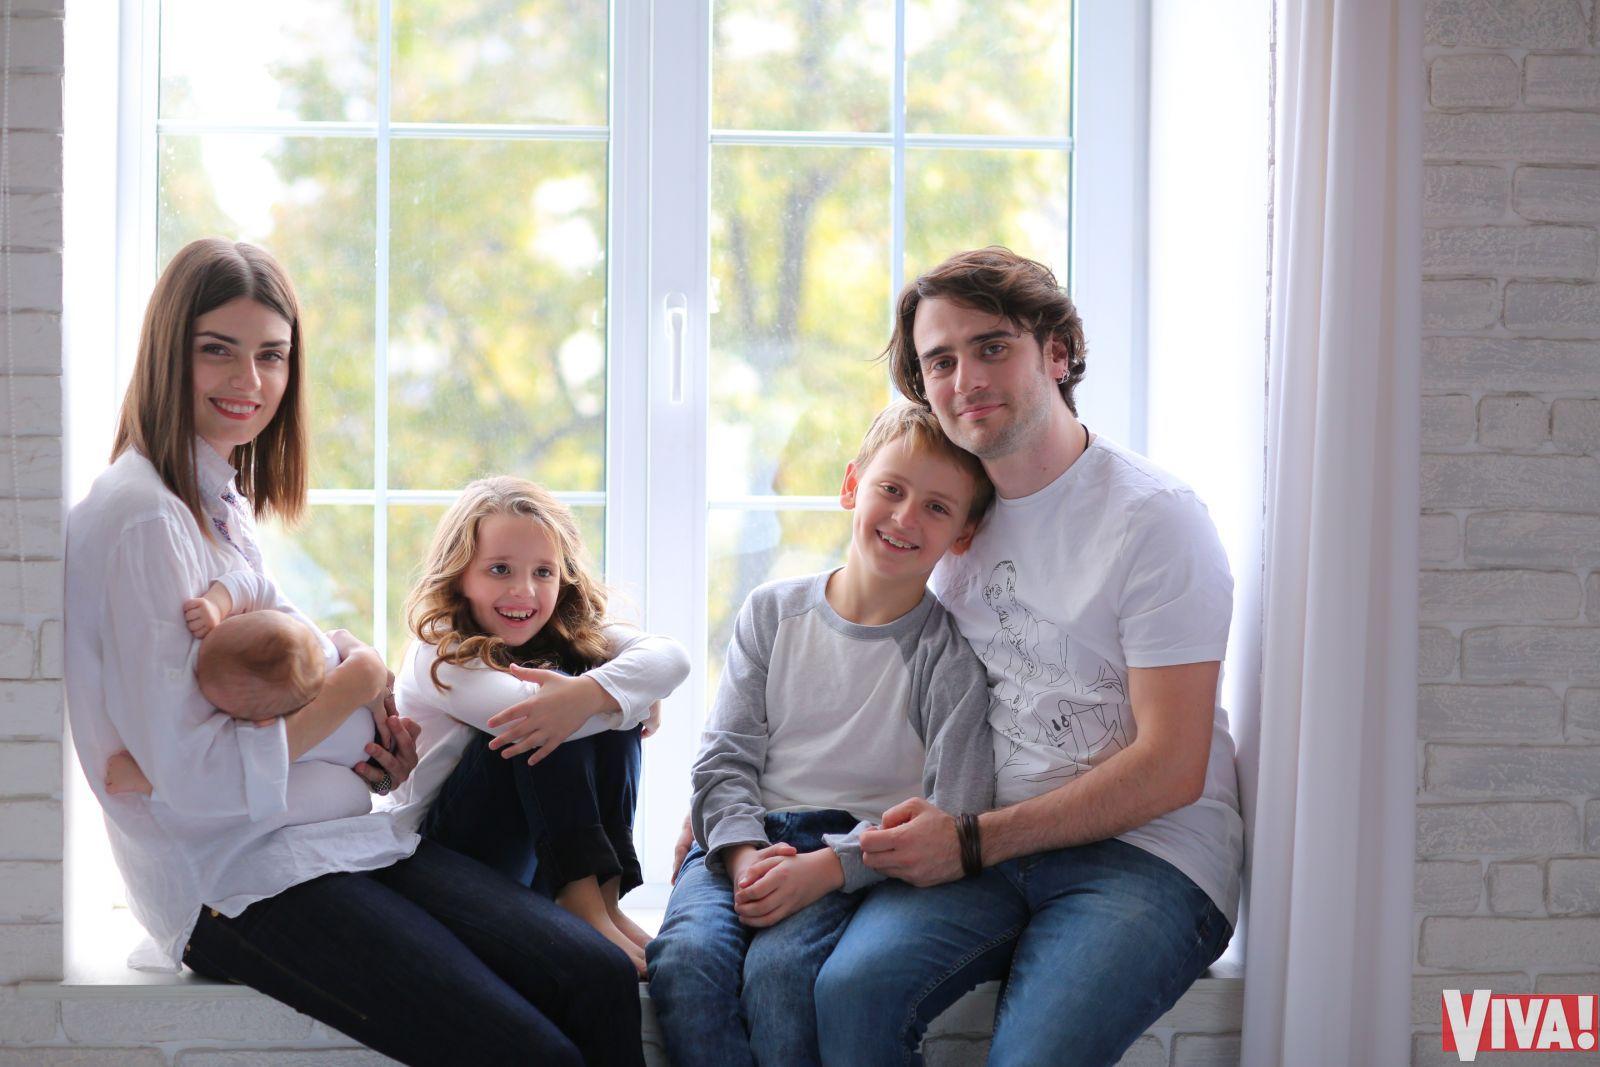 Участник Океана Ельзи Милош Елич знакомит с женой и детьми: эксклюзив Viva! (Фото)